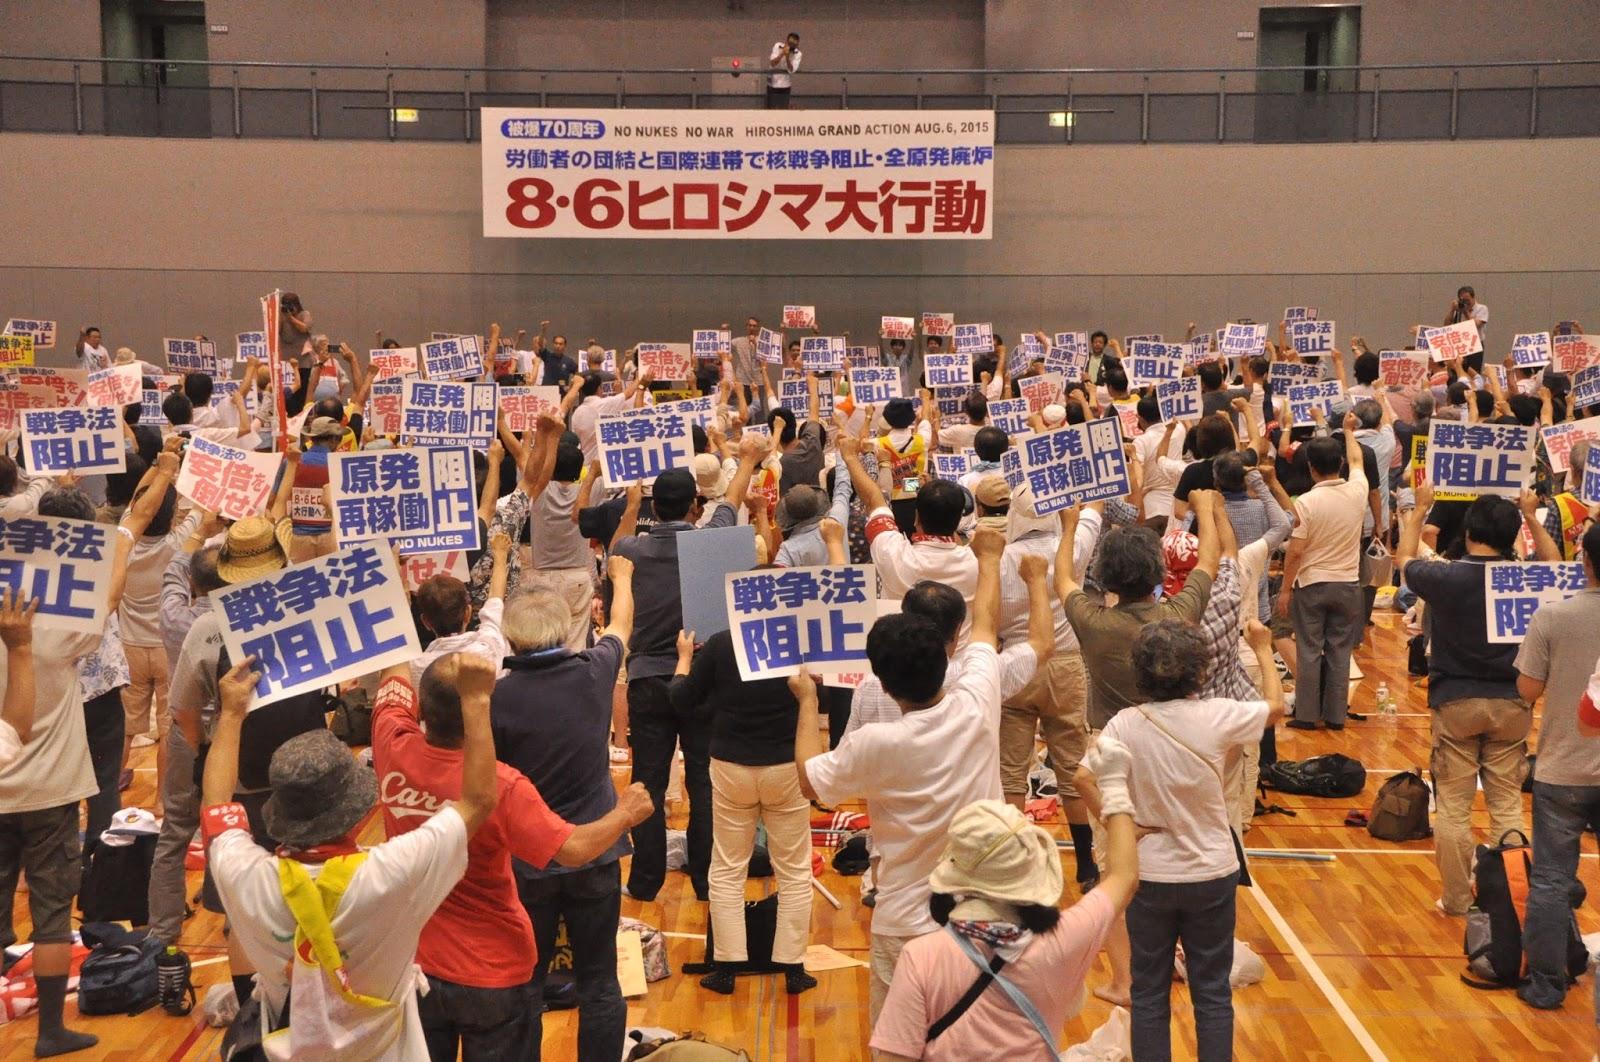 櫻井よし子は日本会議広島支部の広島平和ミーティングで講演し、次のように... 8.6ヒロシマ大行